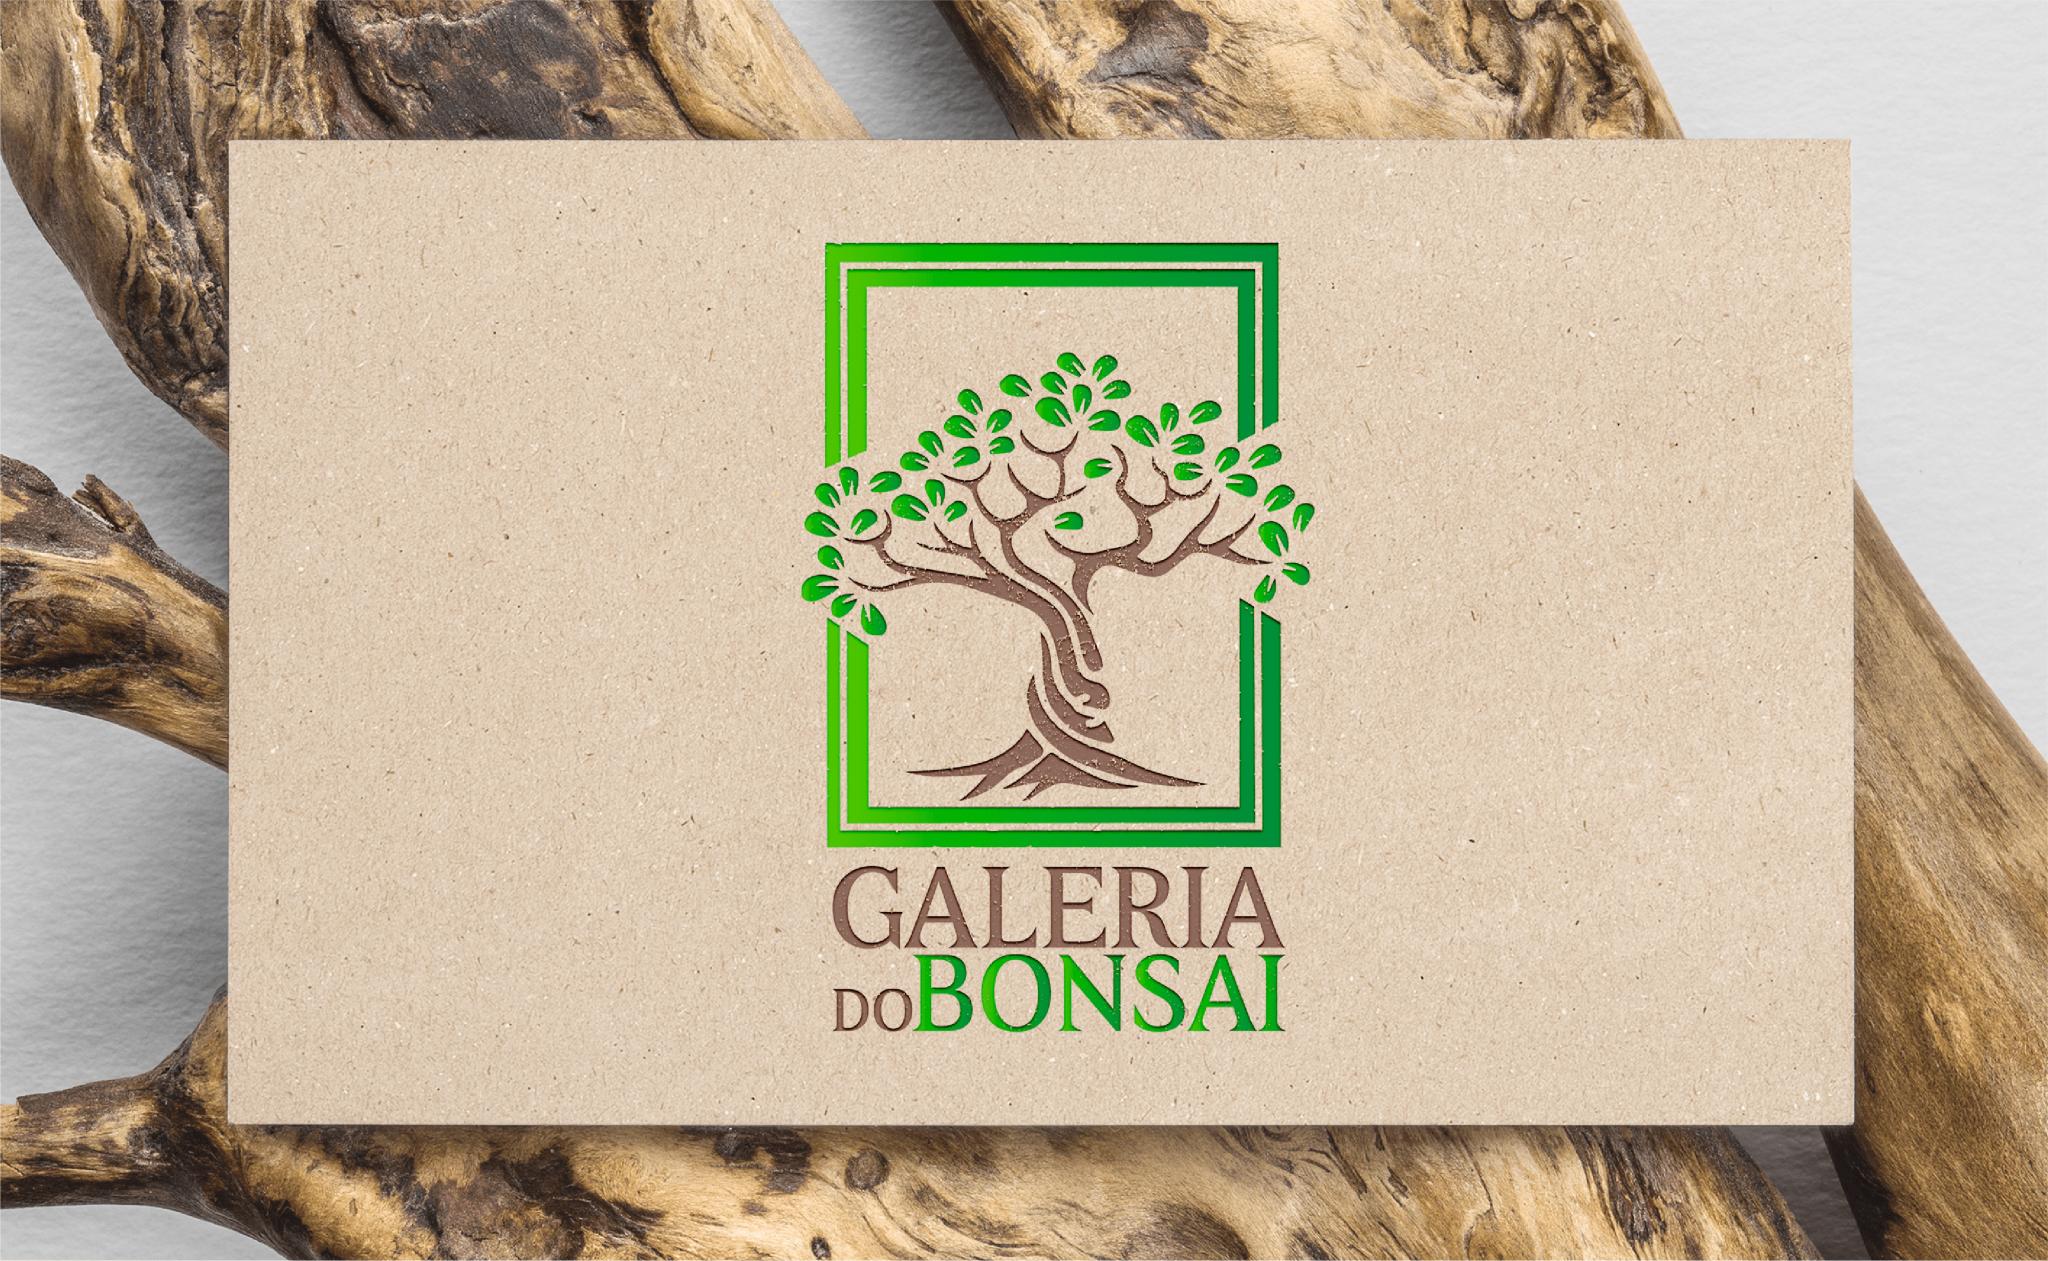 Criação de logótipo Galeria do Bonsai - Logótipo